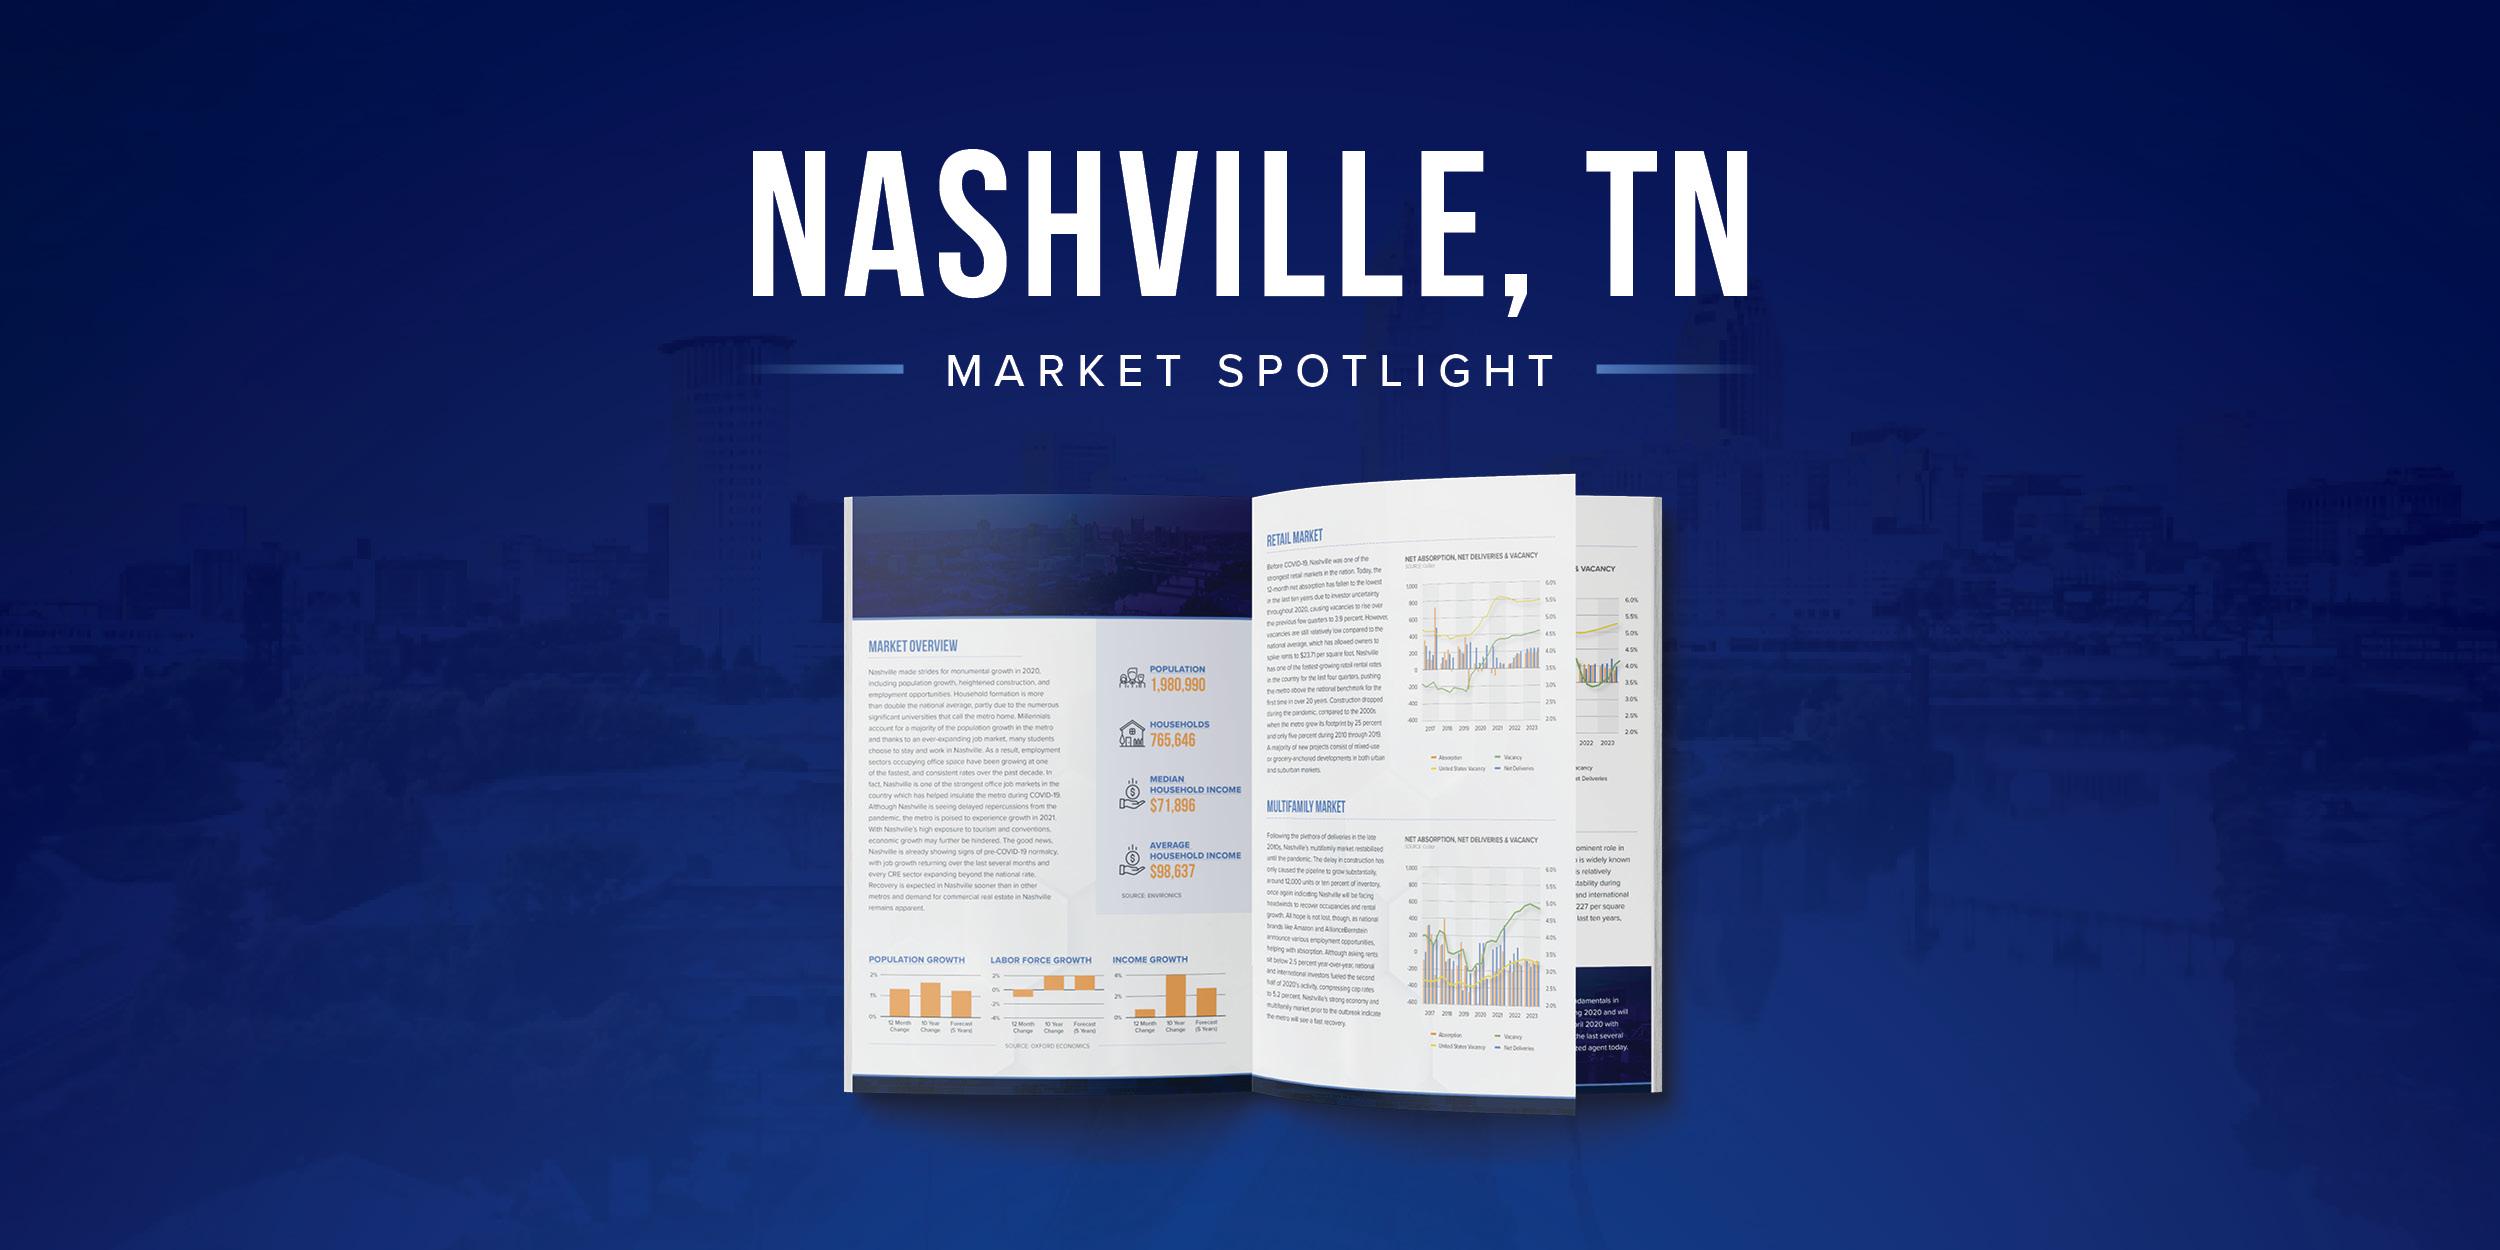 Nashville Market Spotlight_Email 2